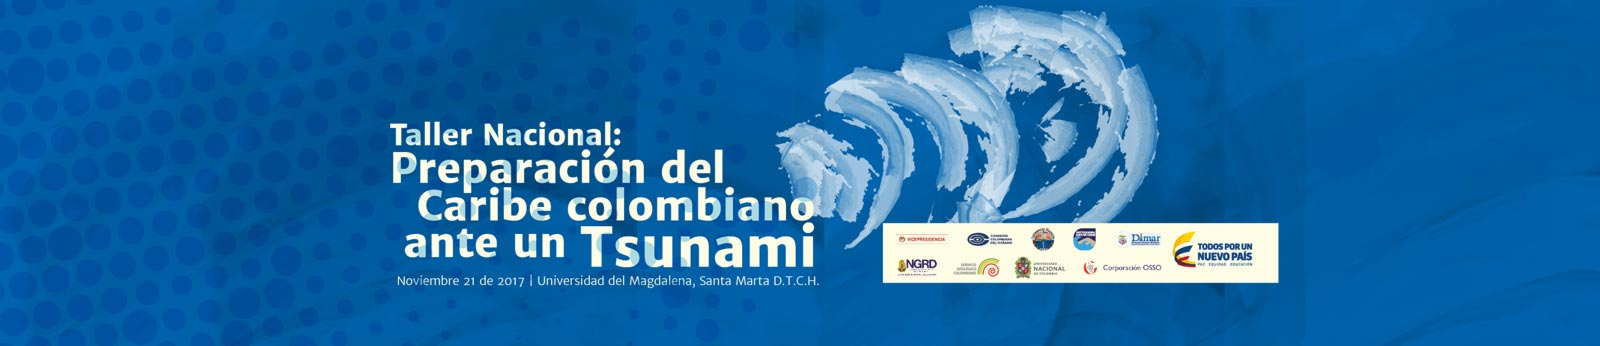 Preparación del Caribe colombiano ante un Tsunami